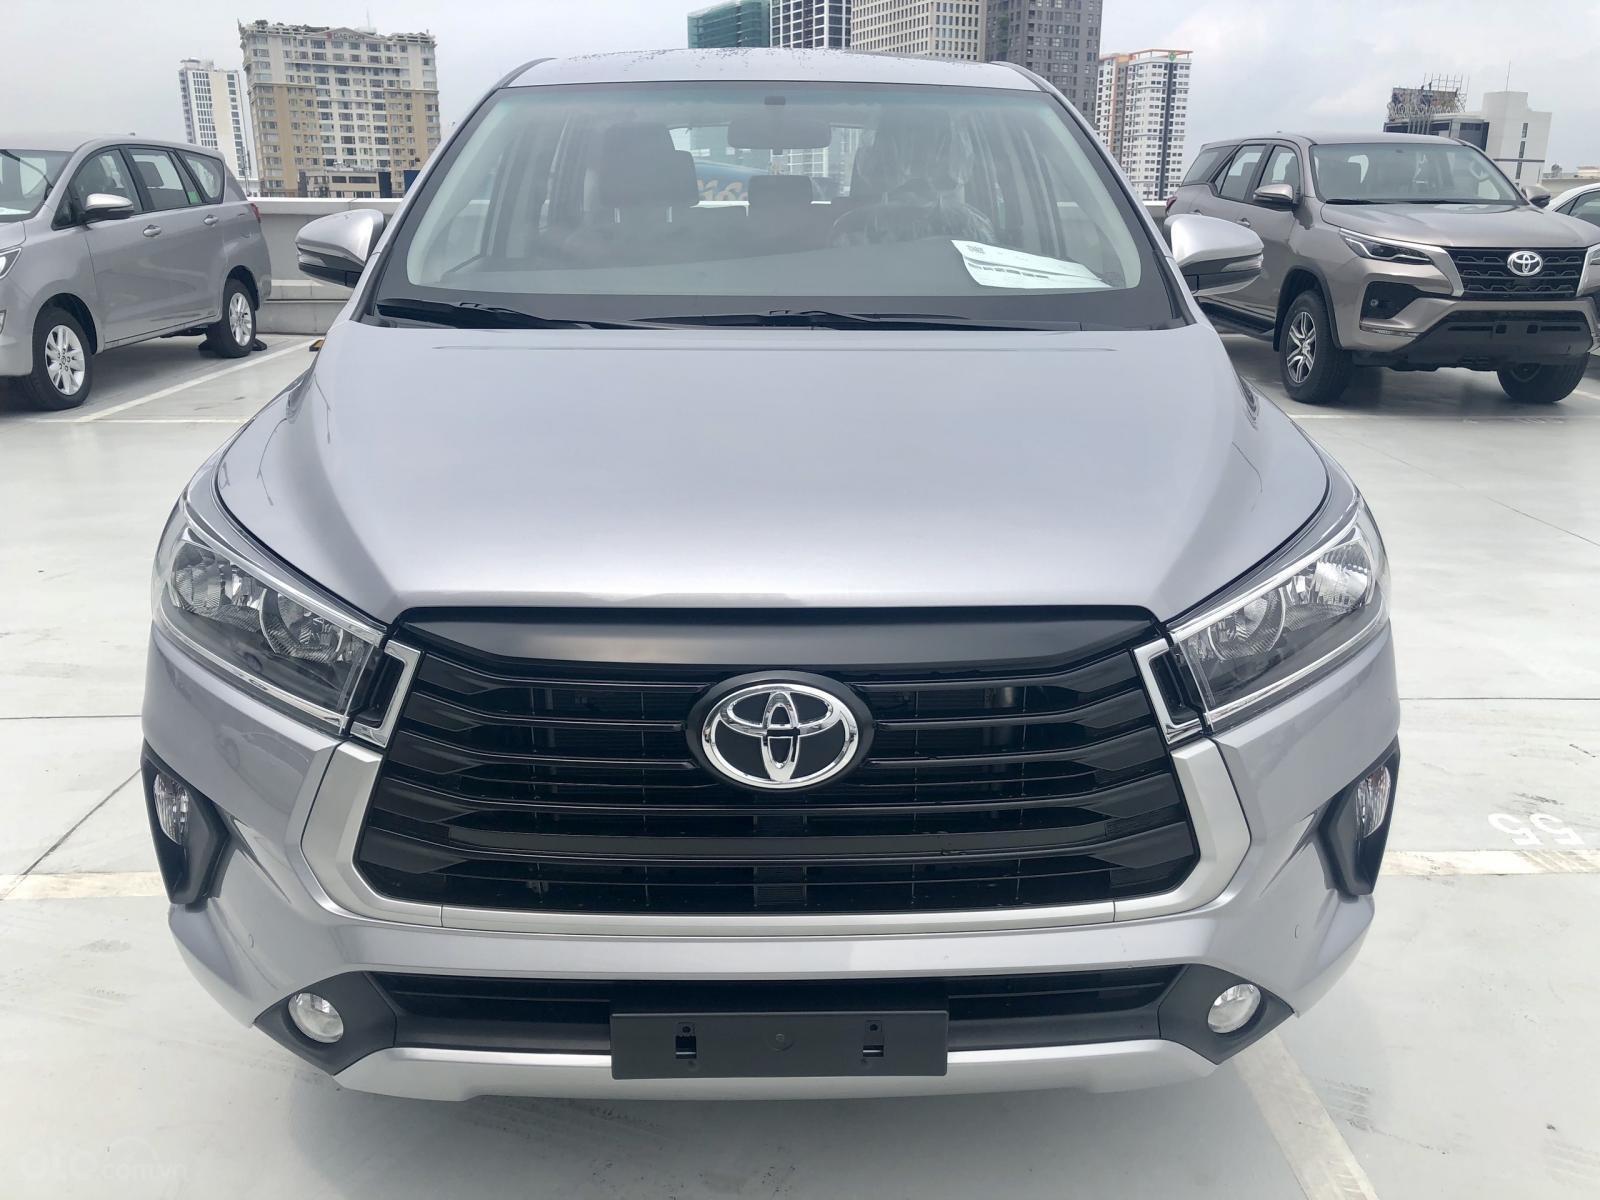 Toyota Hiroshima Tân Cảng - HT (3)